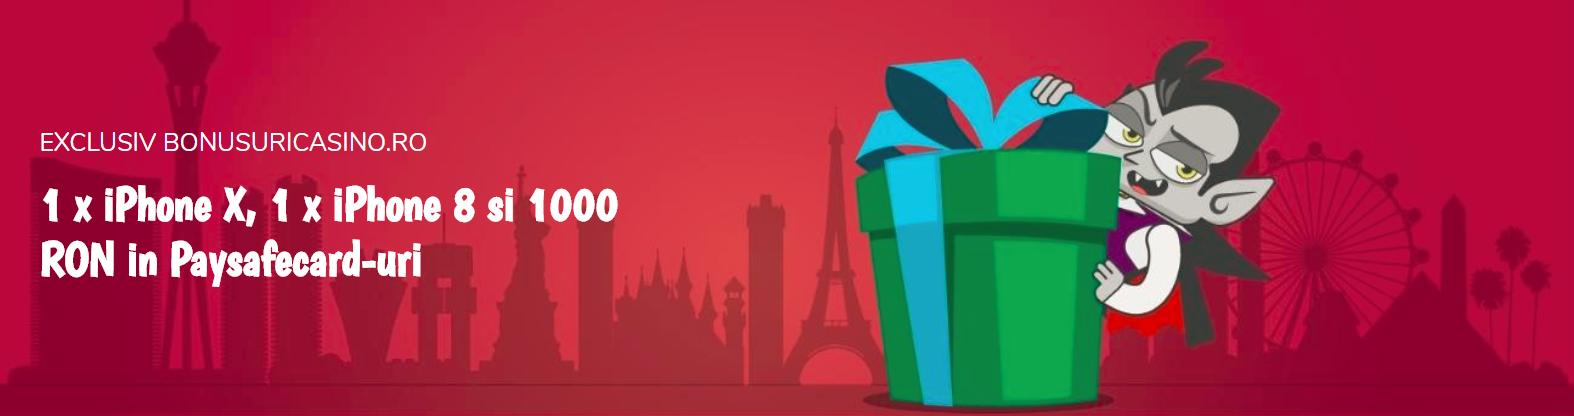 EXCLUSIV: Castiga 1 iPhone X, 1 iPhone 8 si 1000 RON in Paysafecard cu VladCazino!